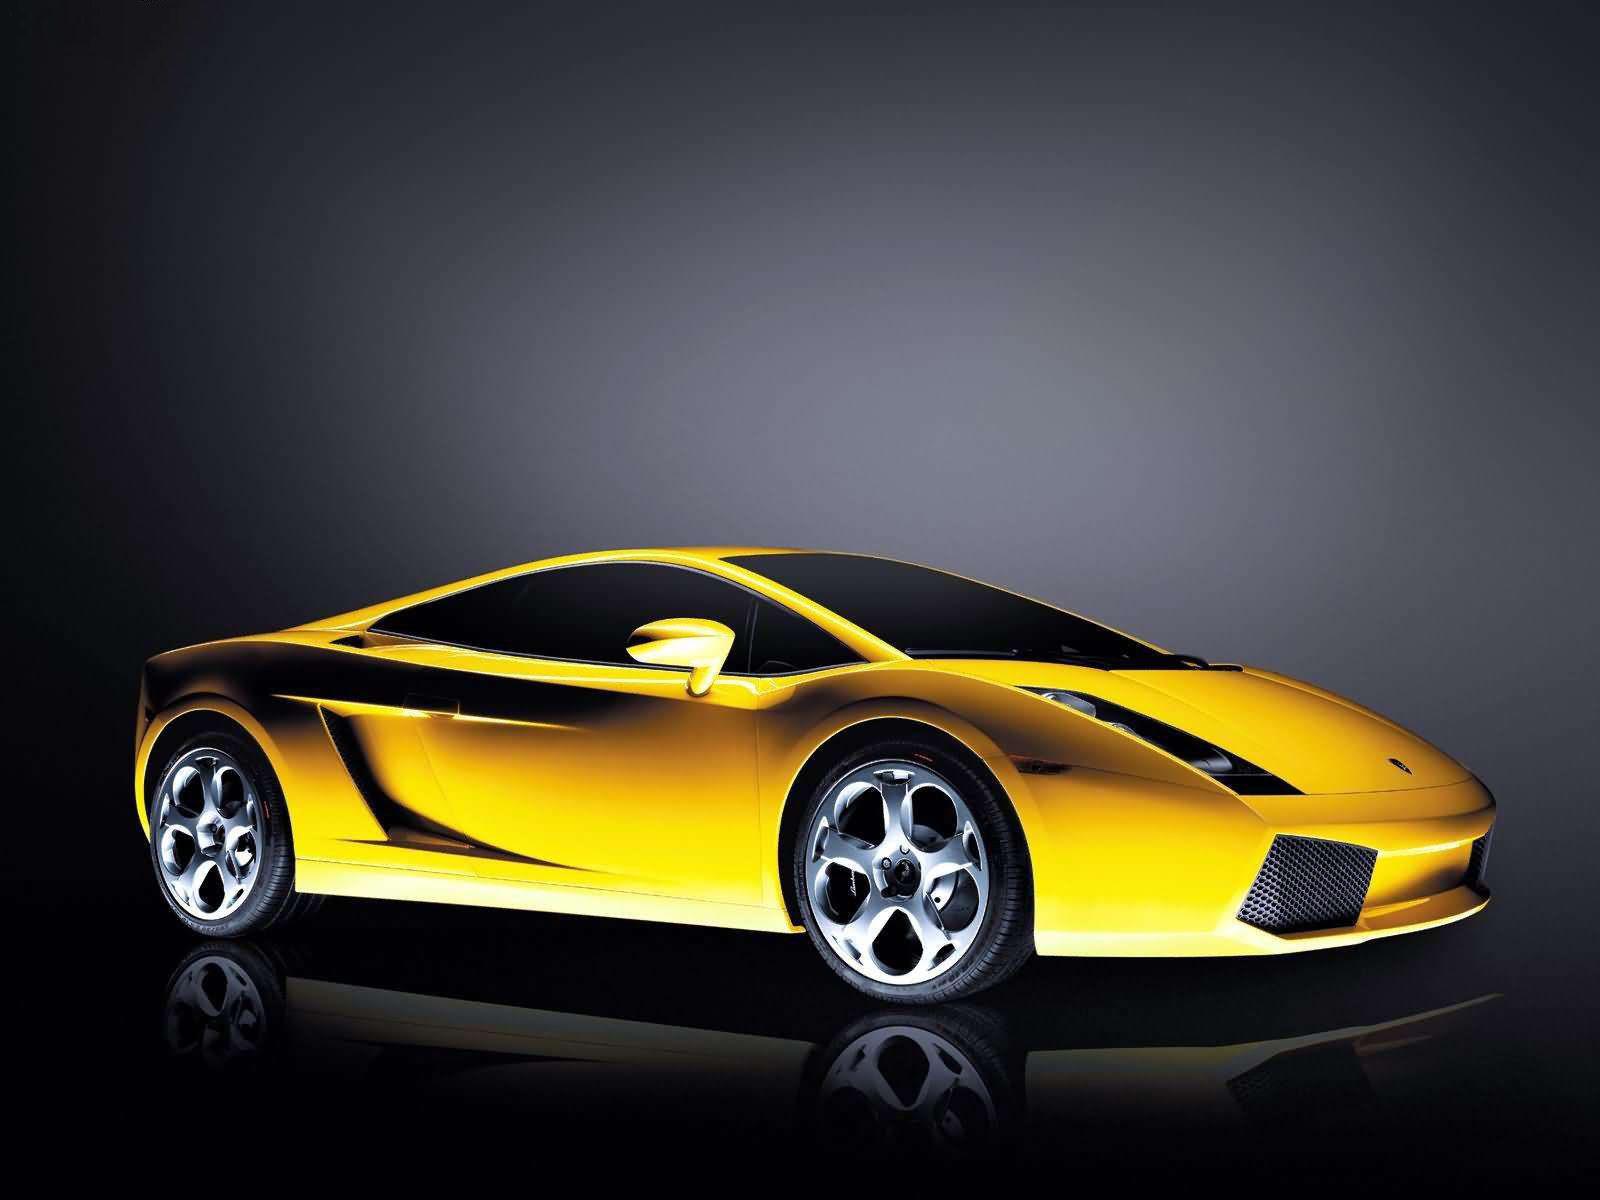 Lamborghini-Gallardo_2003_06.jpg